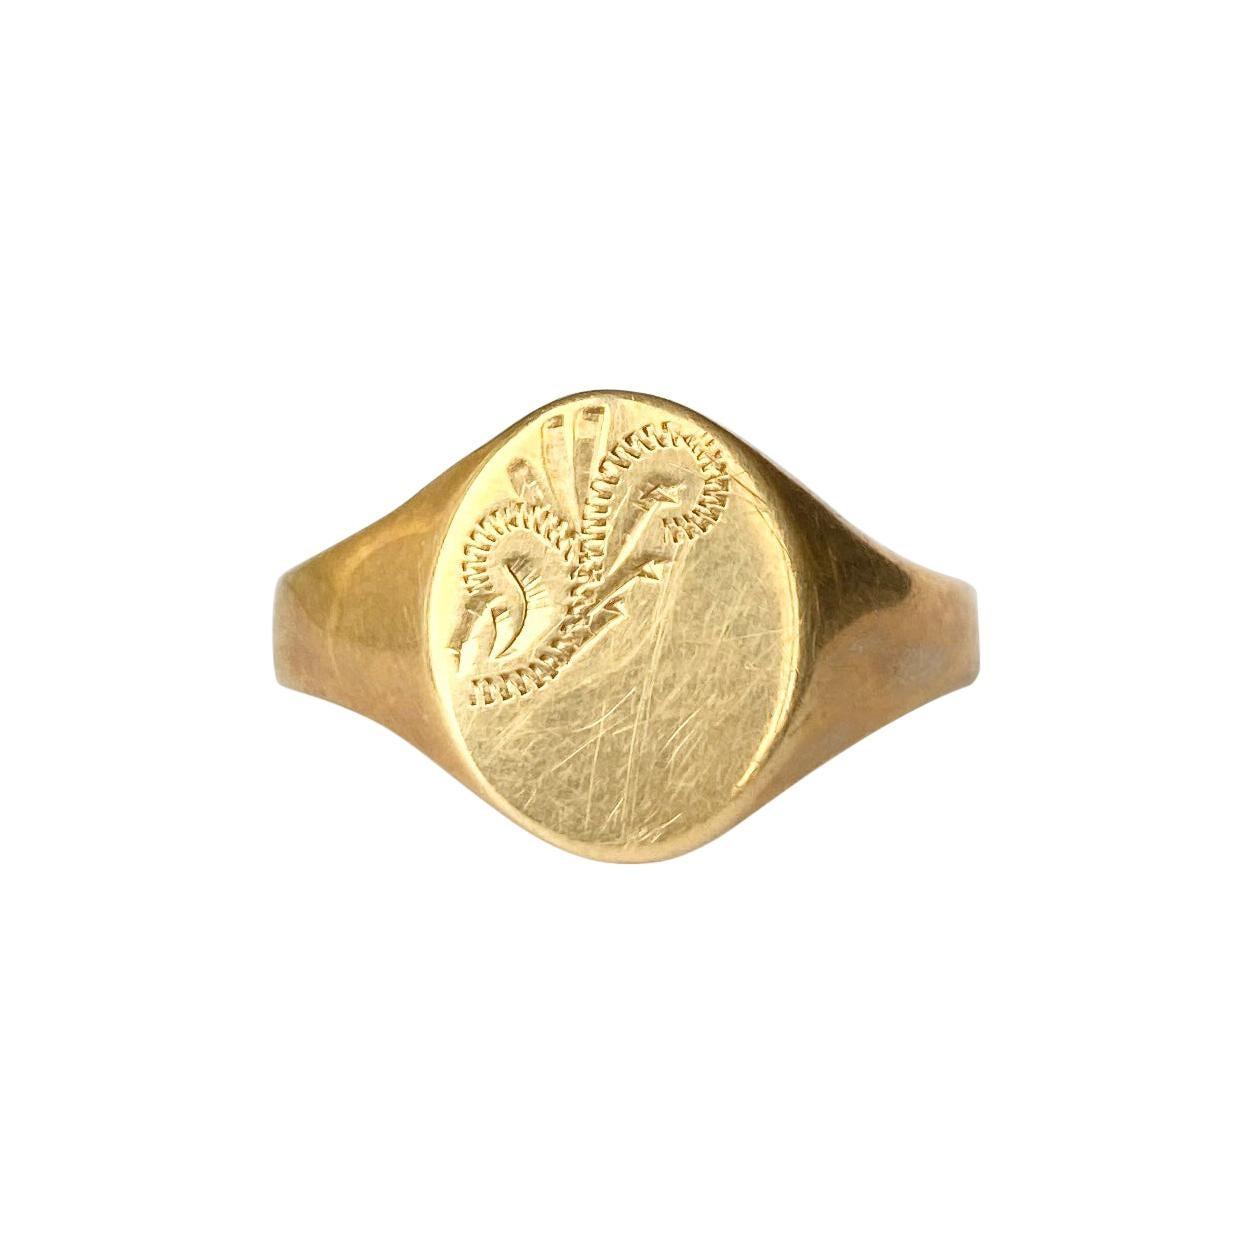 Modern 9 Carat Gold Signet Ring